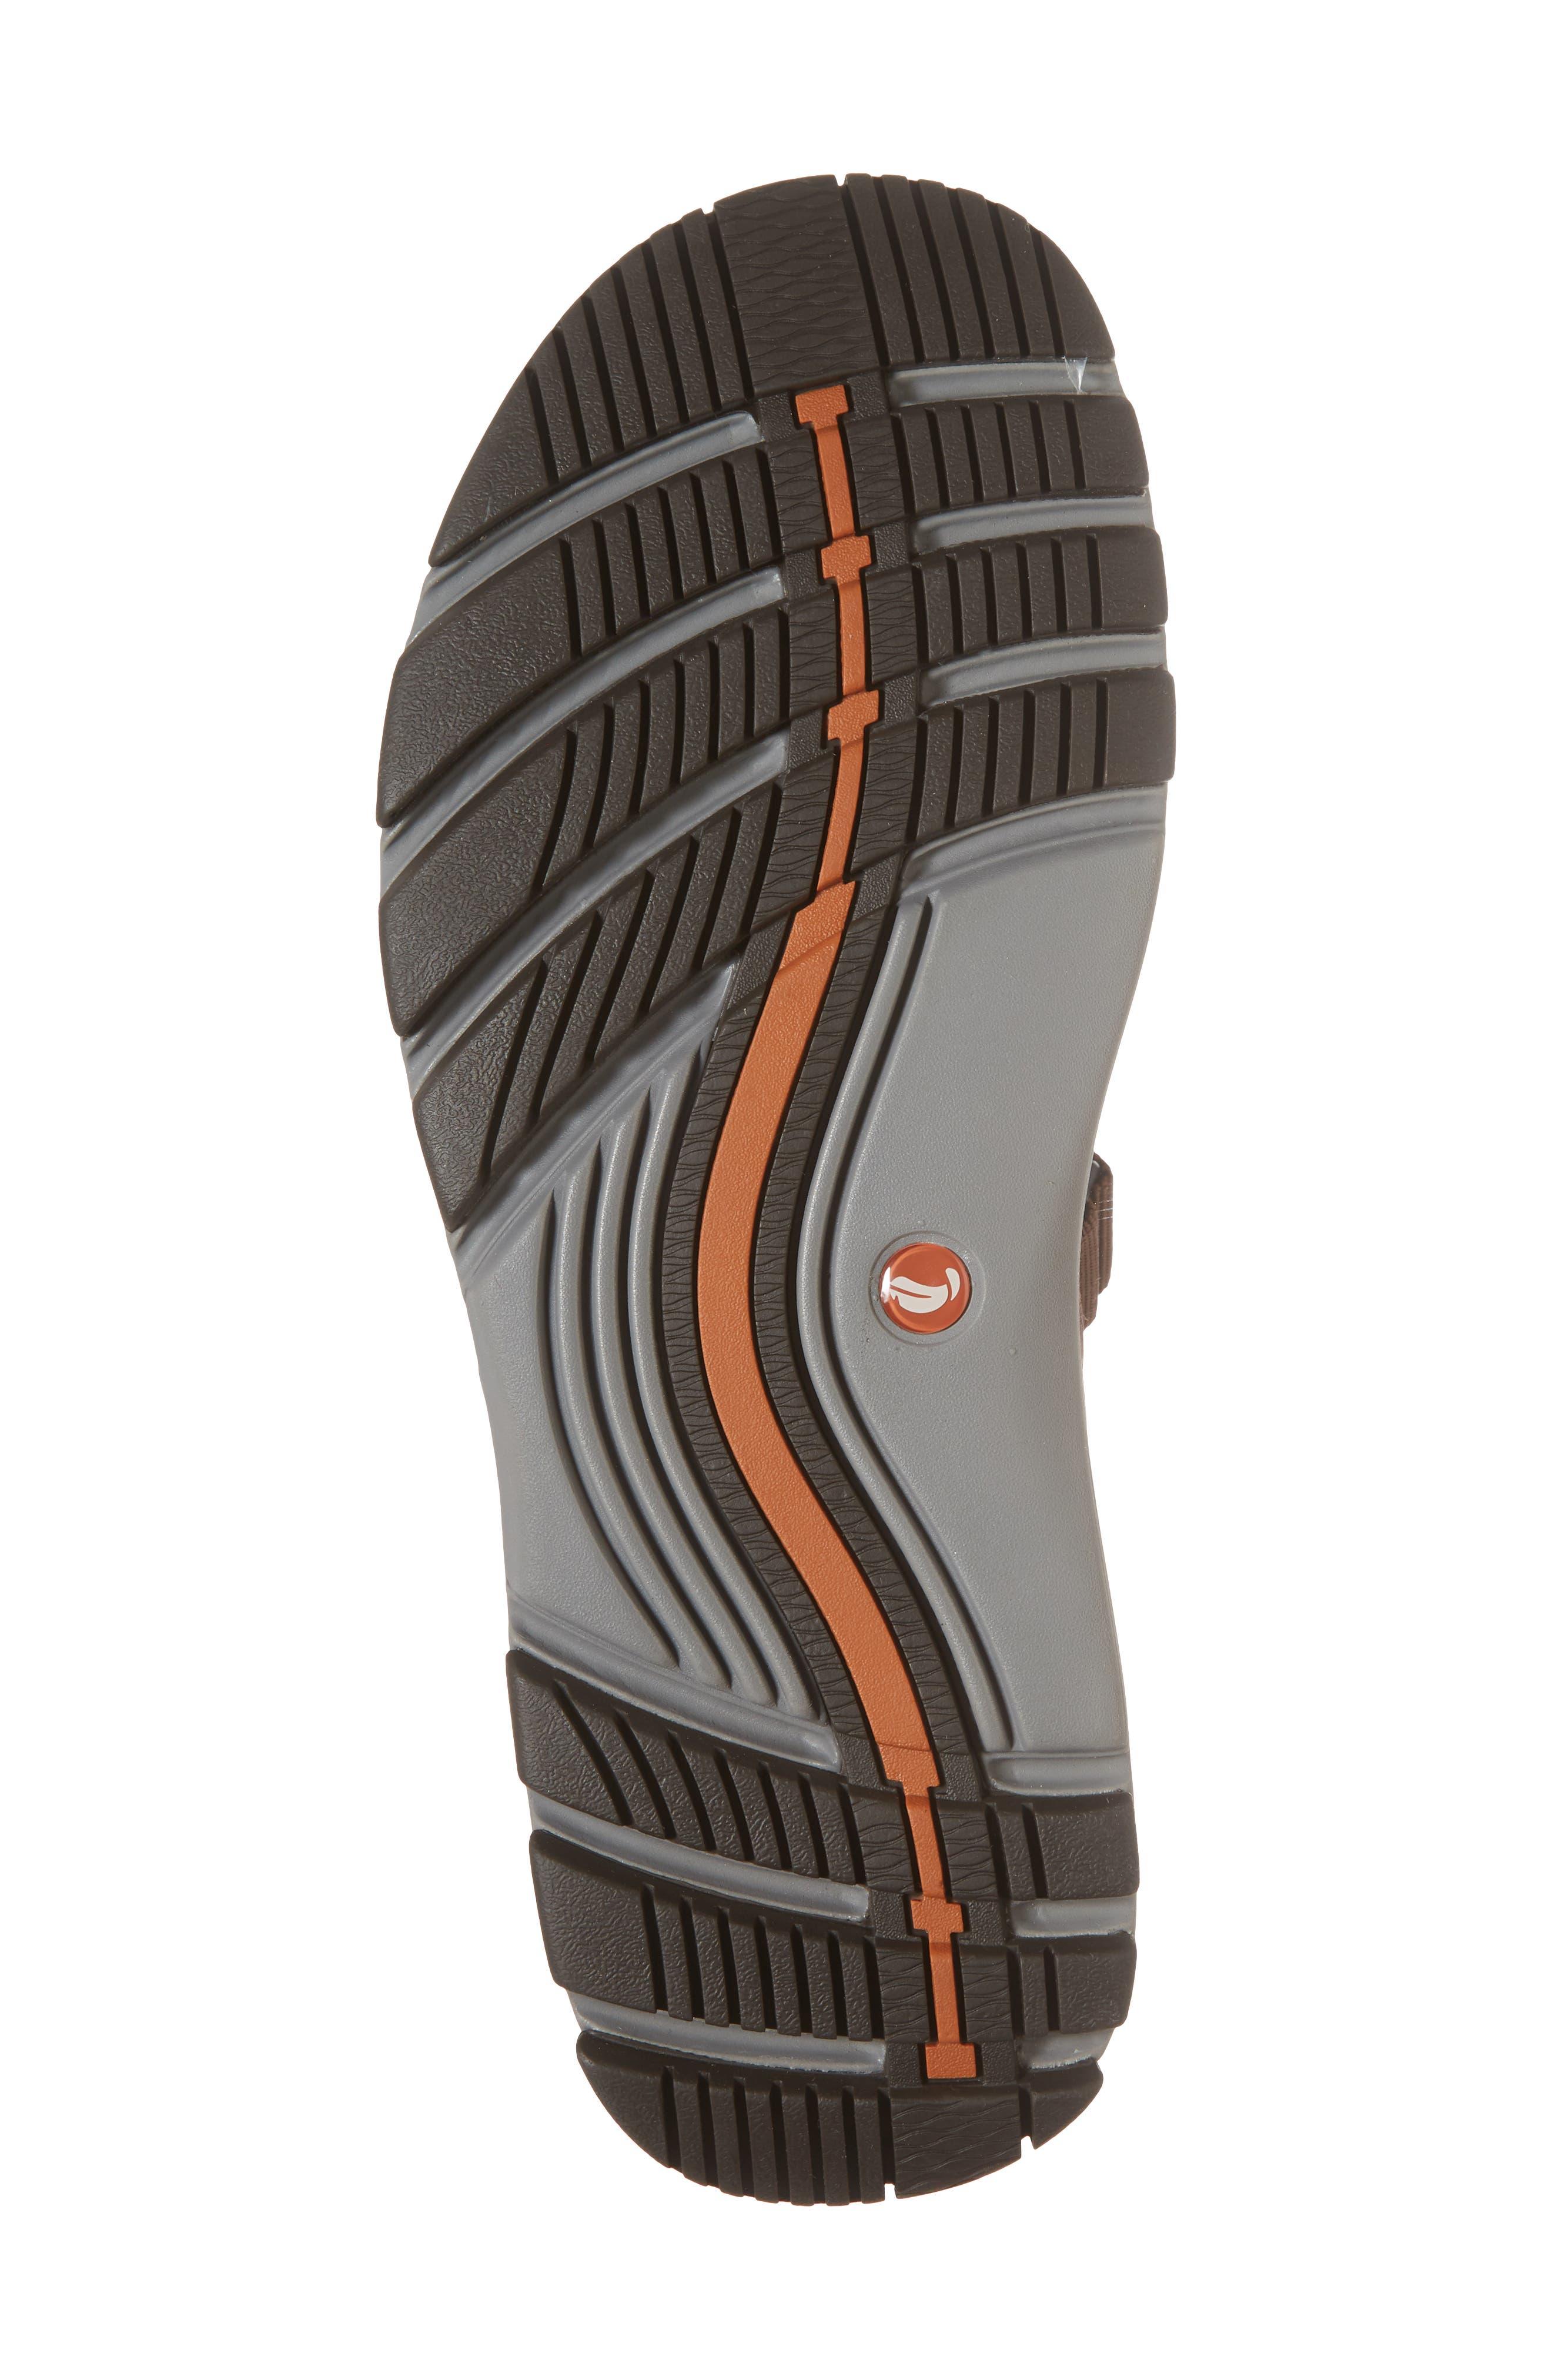 Clarks<sup>®</sup> Untrek Cove Fisherman Sandal,                             Alternate thumbnail 6, color,                             Dark Tan Leather